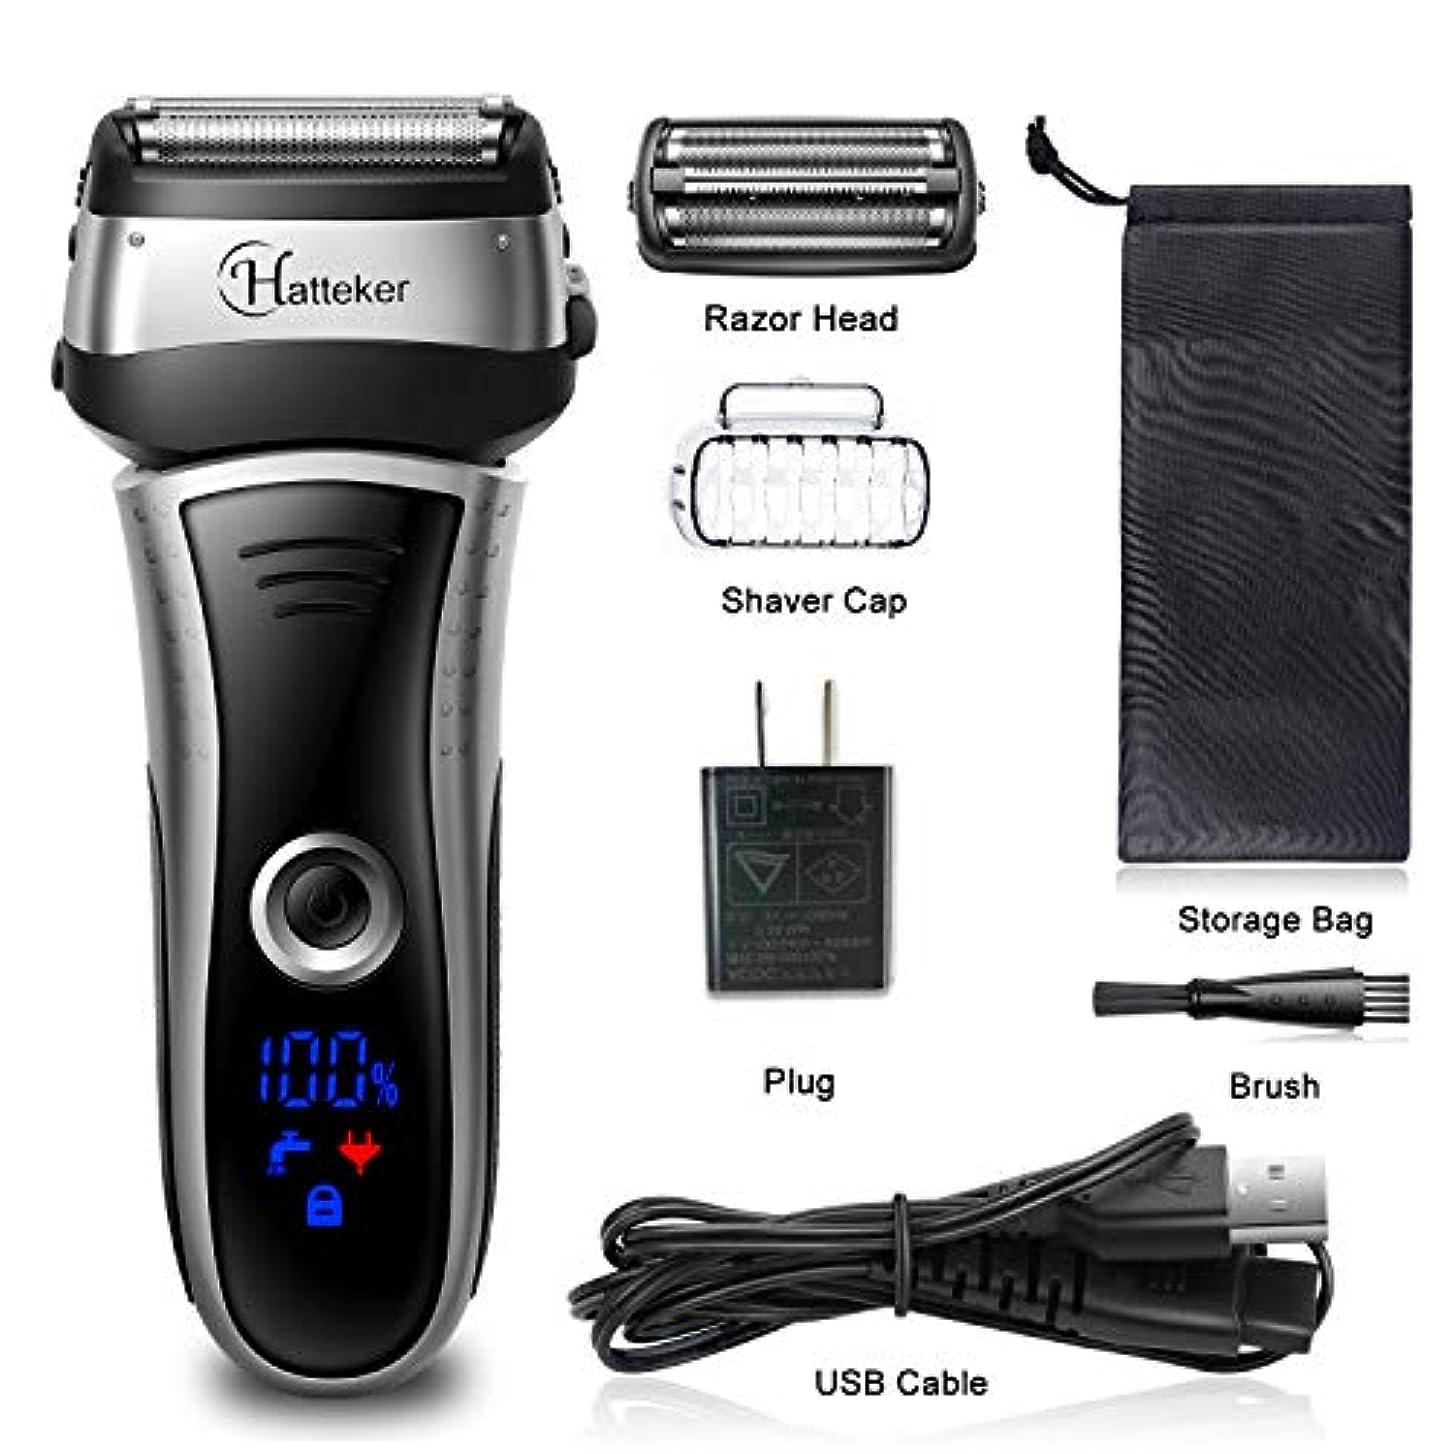 ターミナルマニアックタイトルHATTEKER メンズシェーバー ひげそり 電動髭剃り 往復式シェーバー 3枚刃 USB充電式 LEDディスプレイ お風呂剃り & 丸洗可 替刃付きブラック